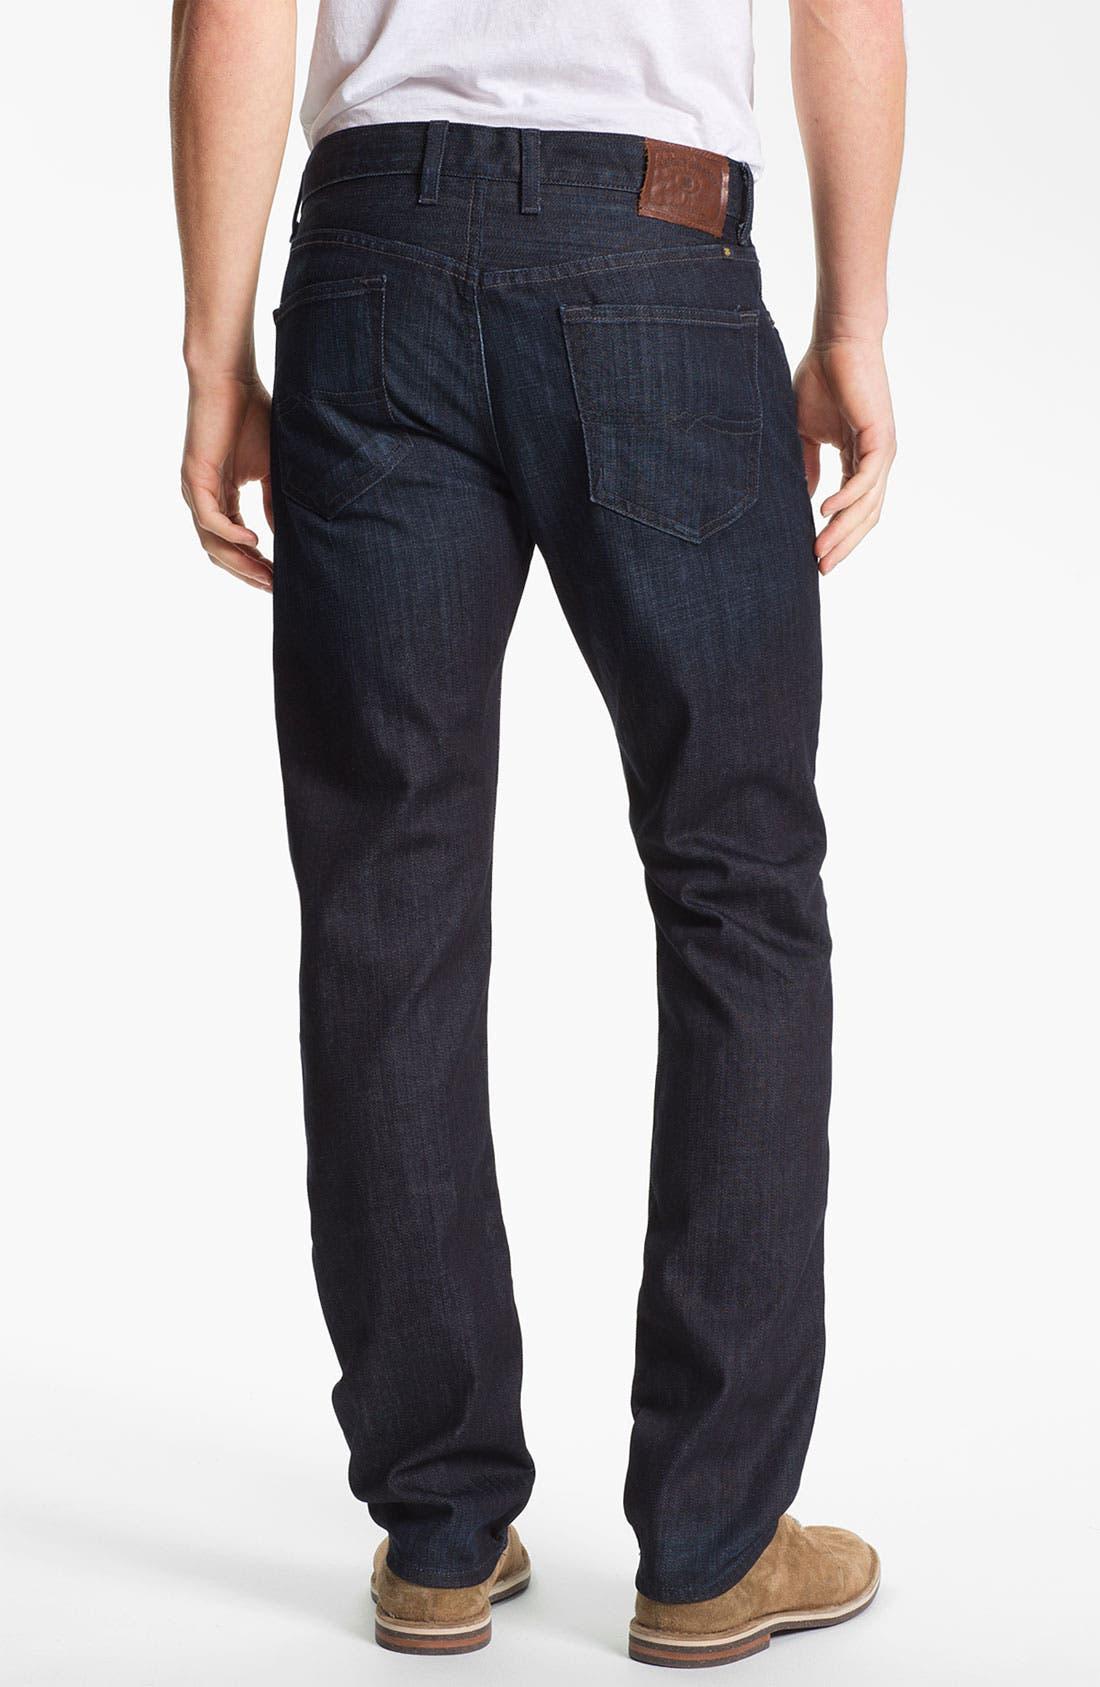 Alternate Image 2  - Lucky Brand 'Dean' Straight Leg Jeans (Dark Kingston) (Online Only)